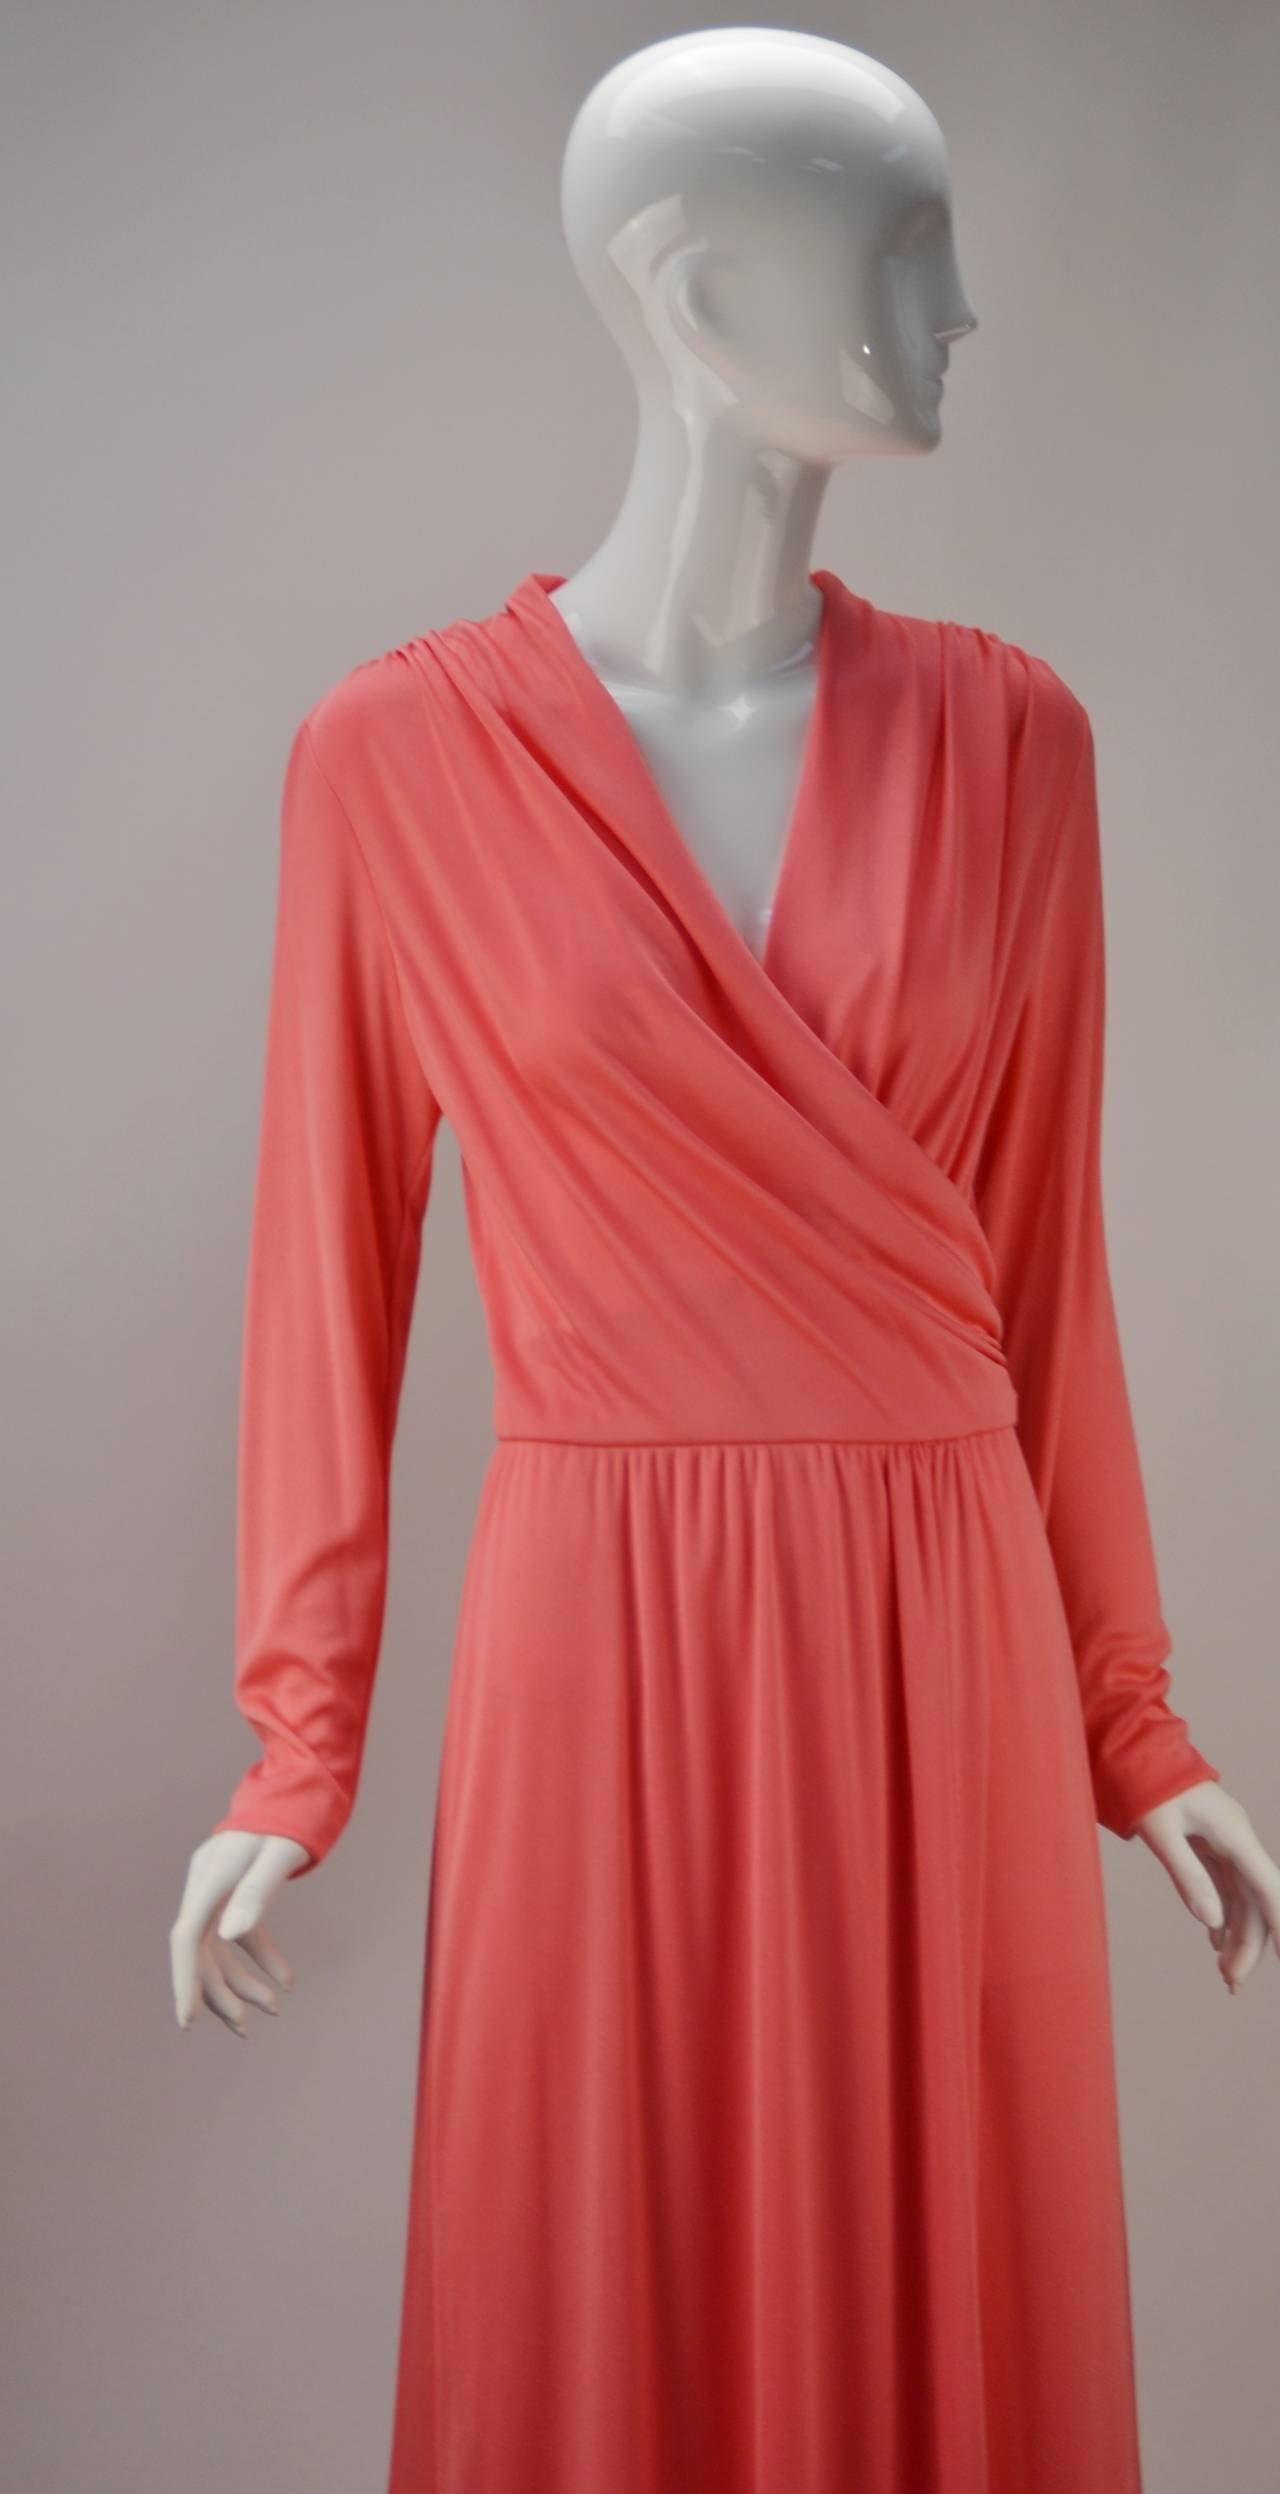 Women's 1970s Joy Stevens Coral Pink Maxi Dress For Sale